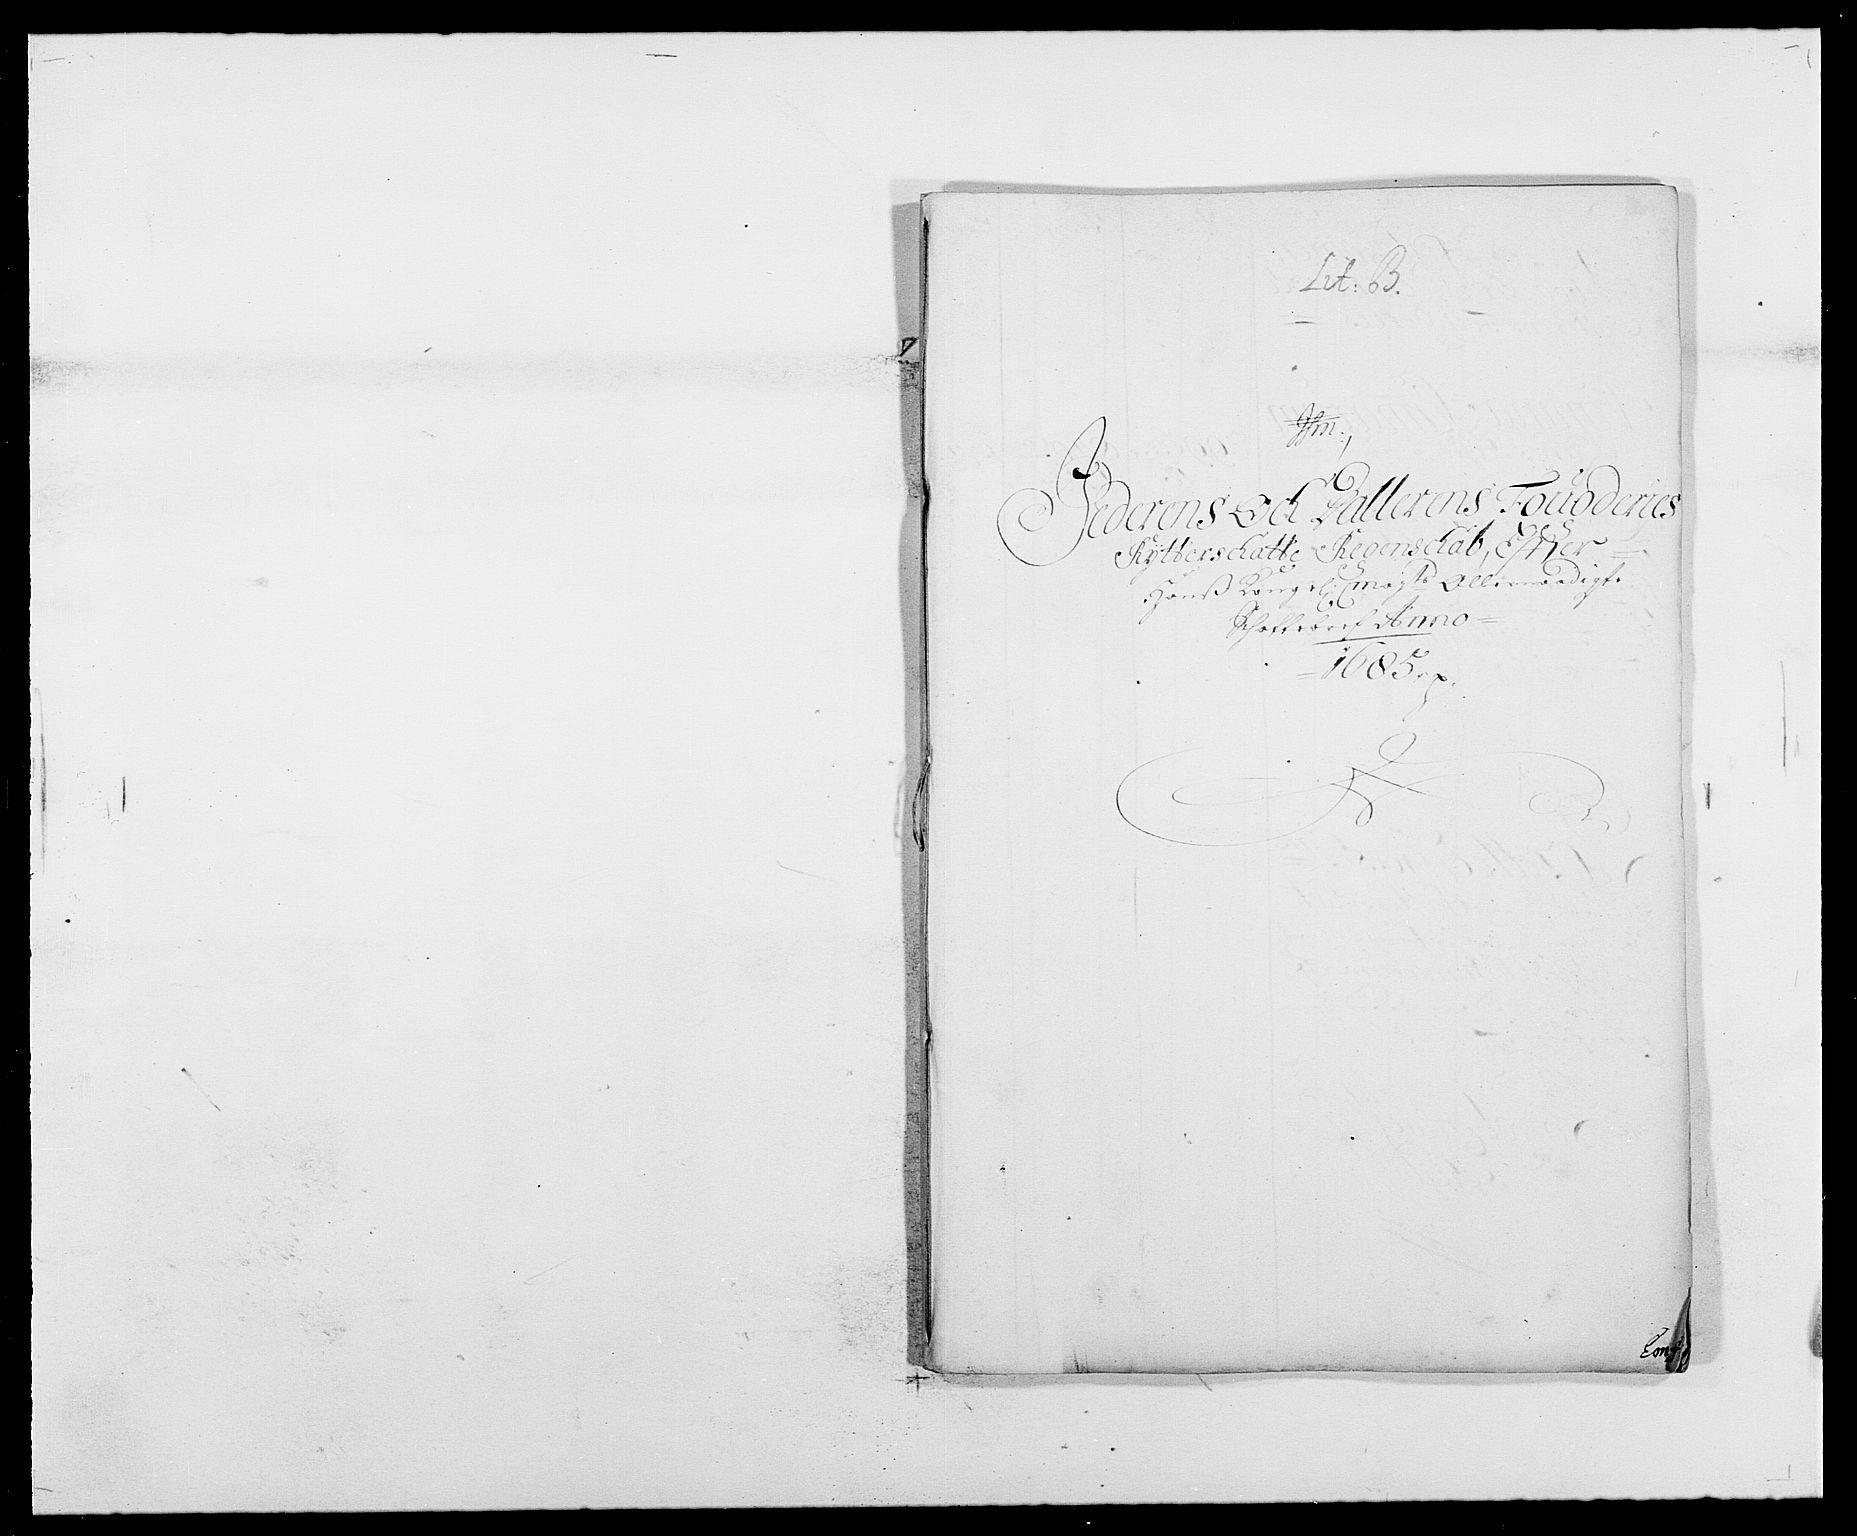 RA, Rentekammeret inntil 1814, Reviderte regnskaper, Fogderegnskap, R46/L2725: Fogderegnskap Jæren og Dalane, 1685, s. 58